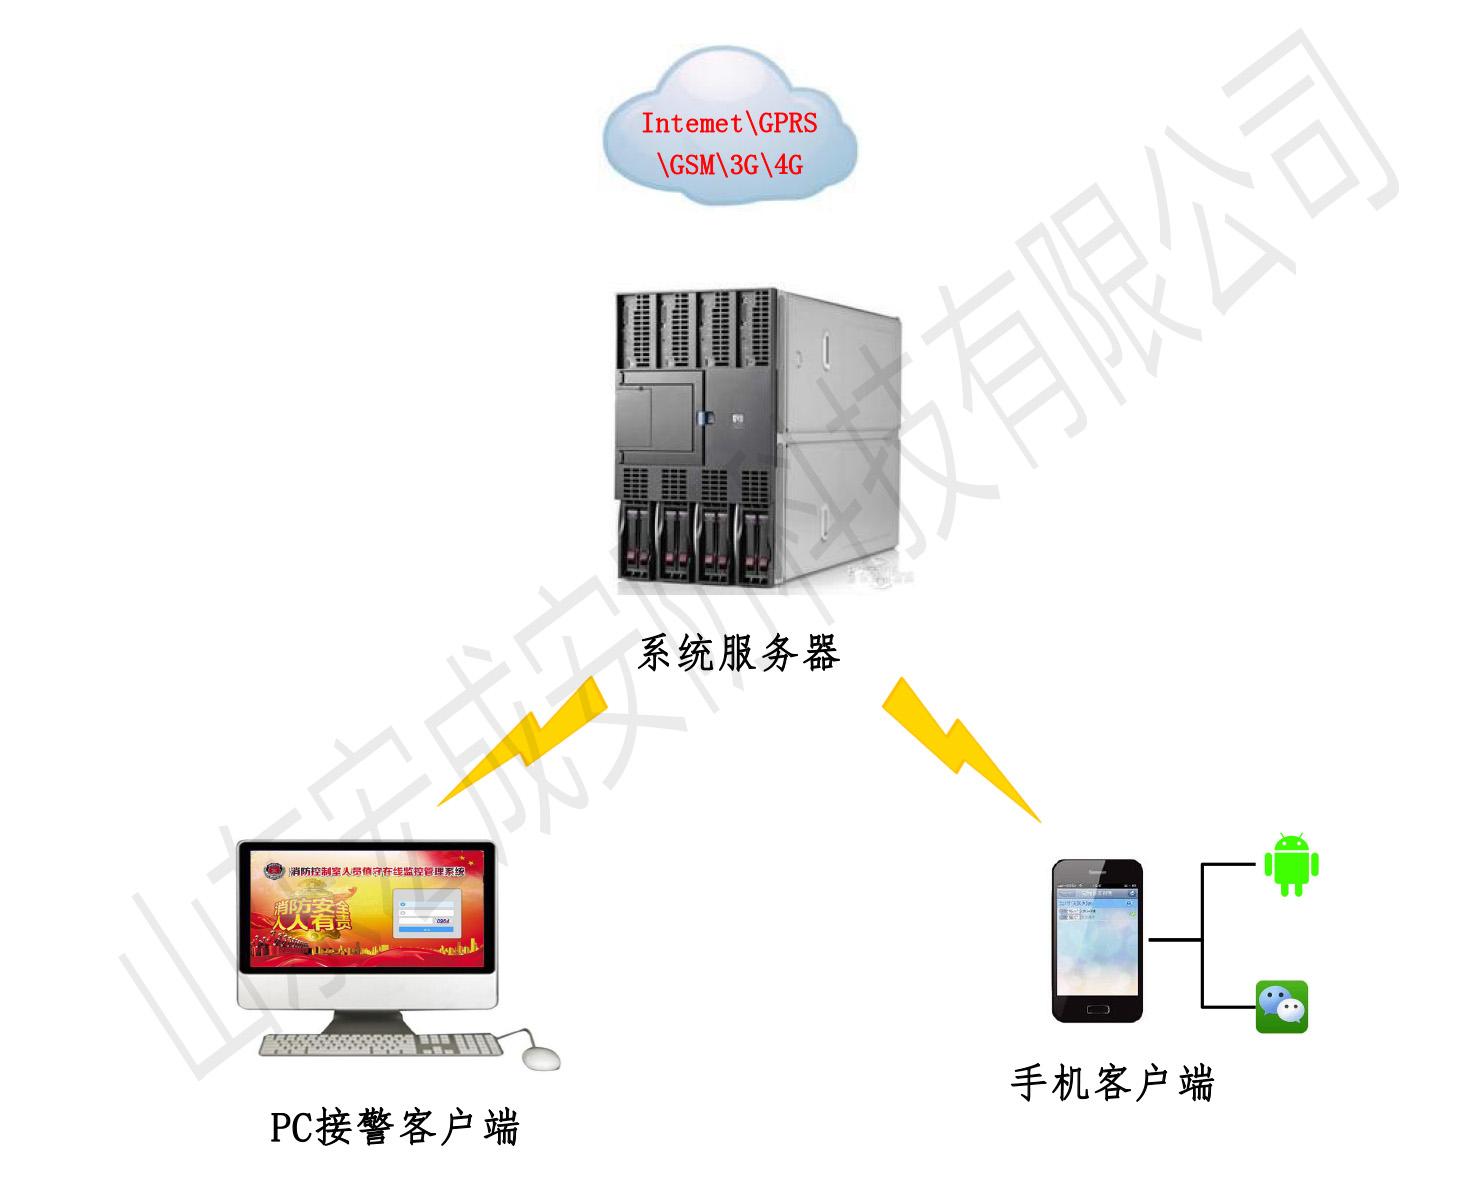 餐厨灶台火灾在线预警监管系统软件